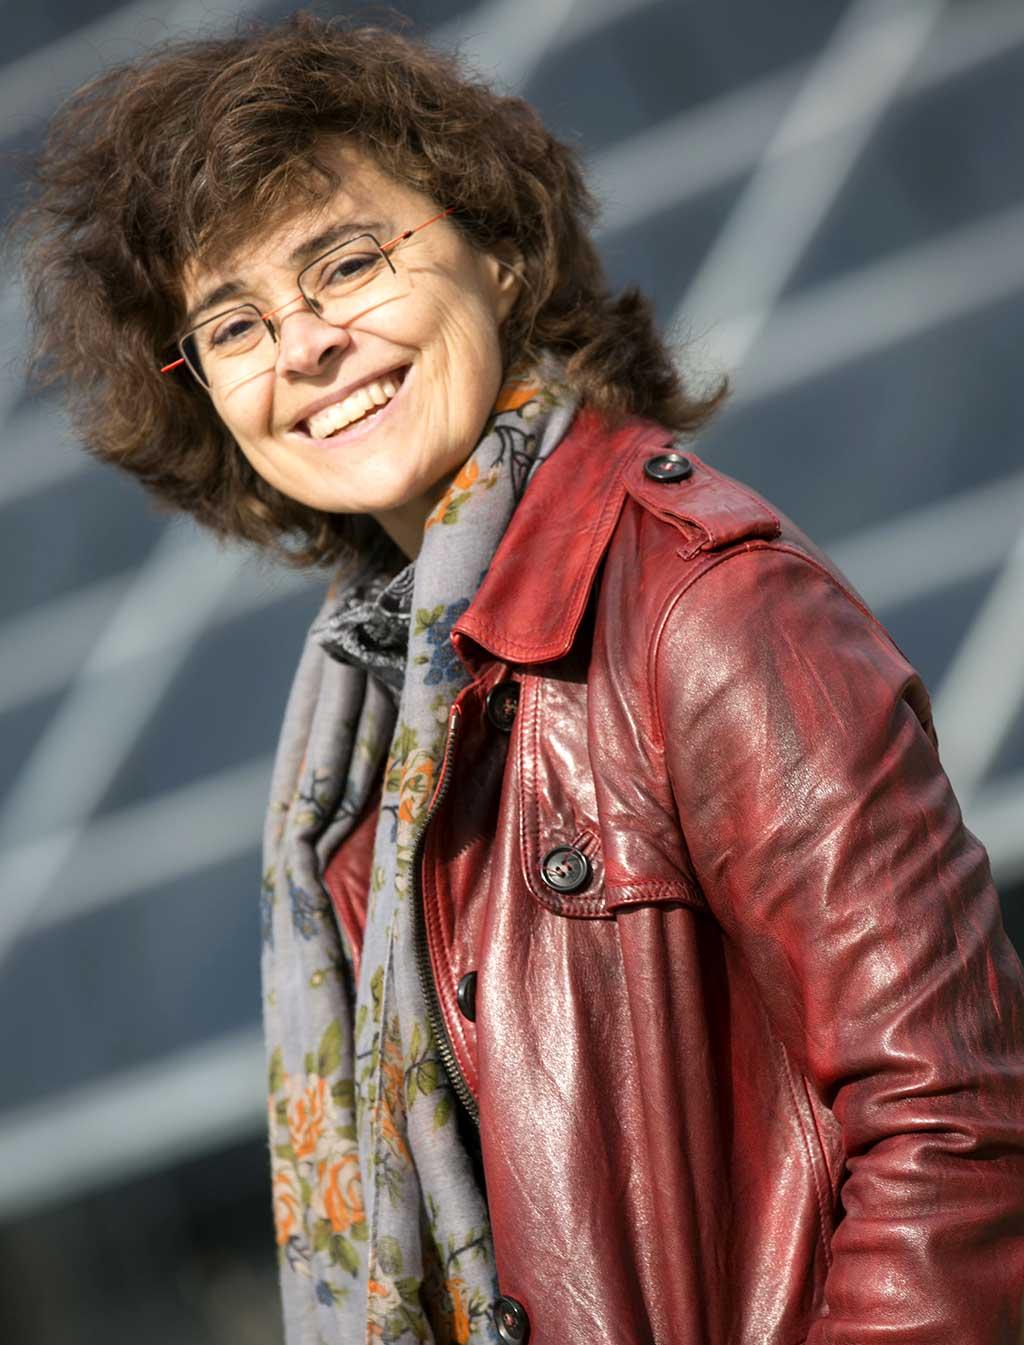 Pionnières de la musique québécoise: Véronique Lacroix, directrice artistique d'ECM+. (Crédit: Pierre-Étienne Bergeron)